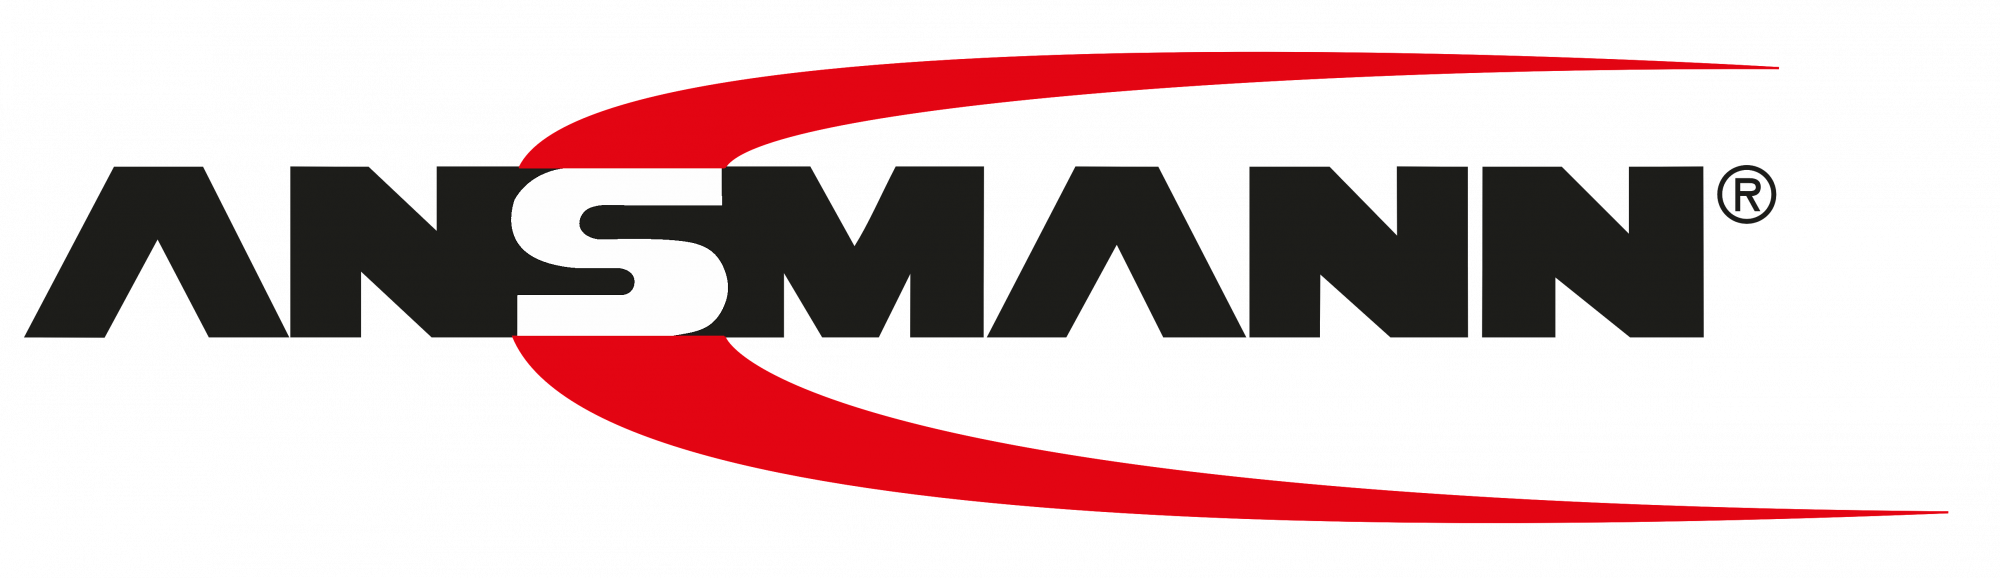 Ansmann